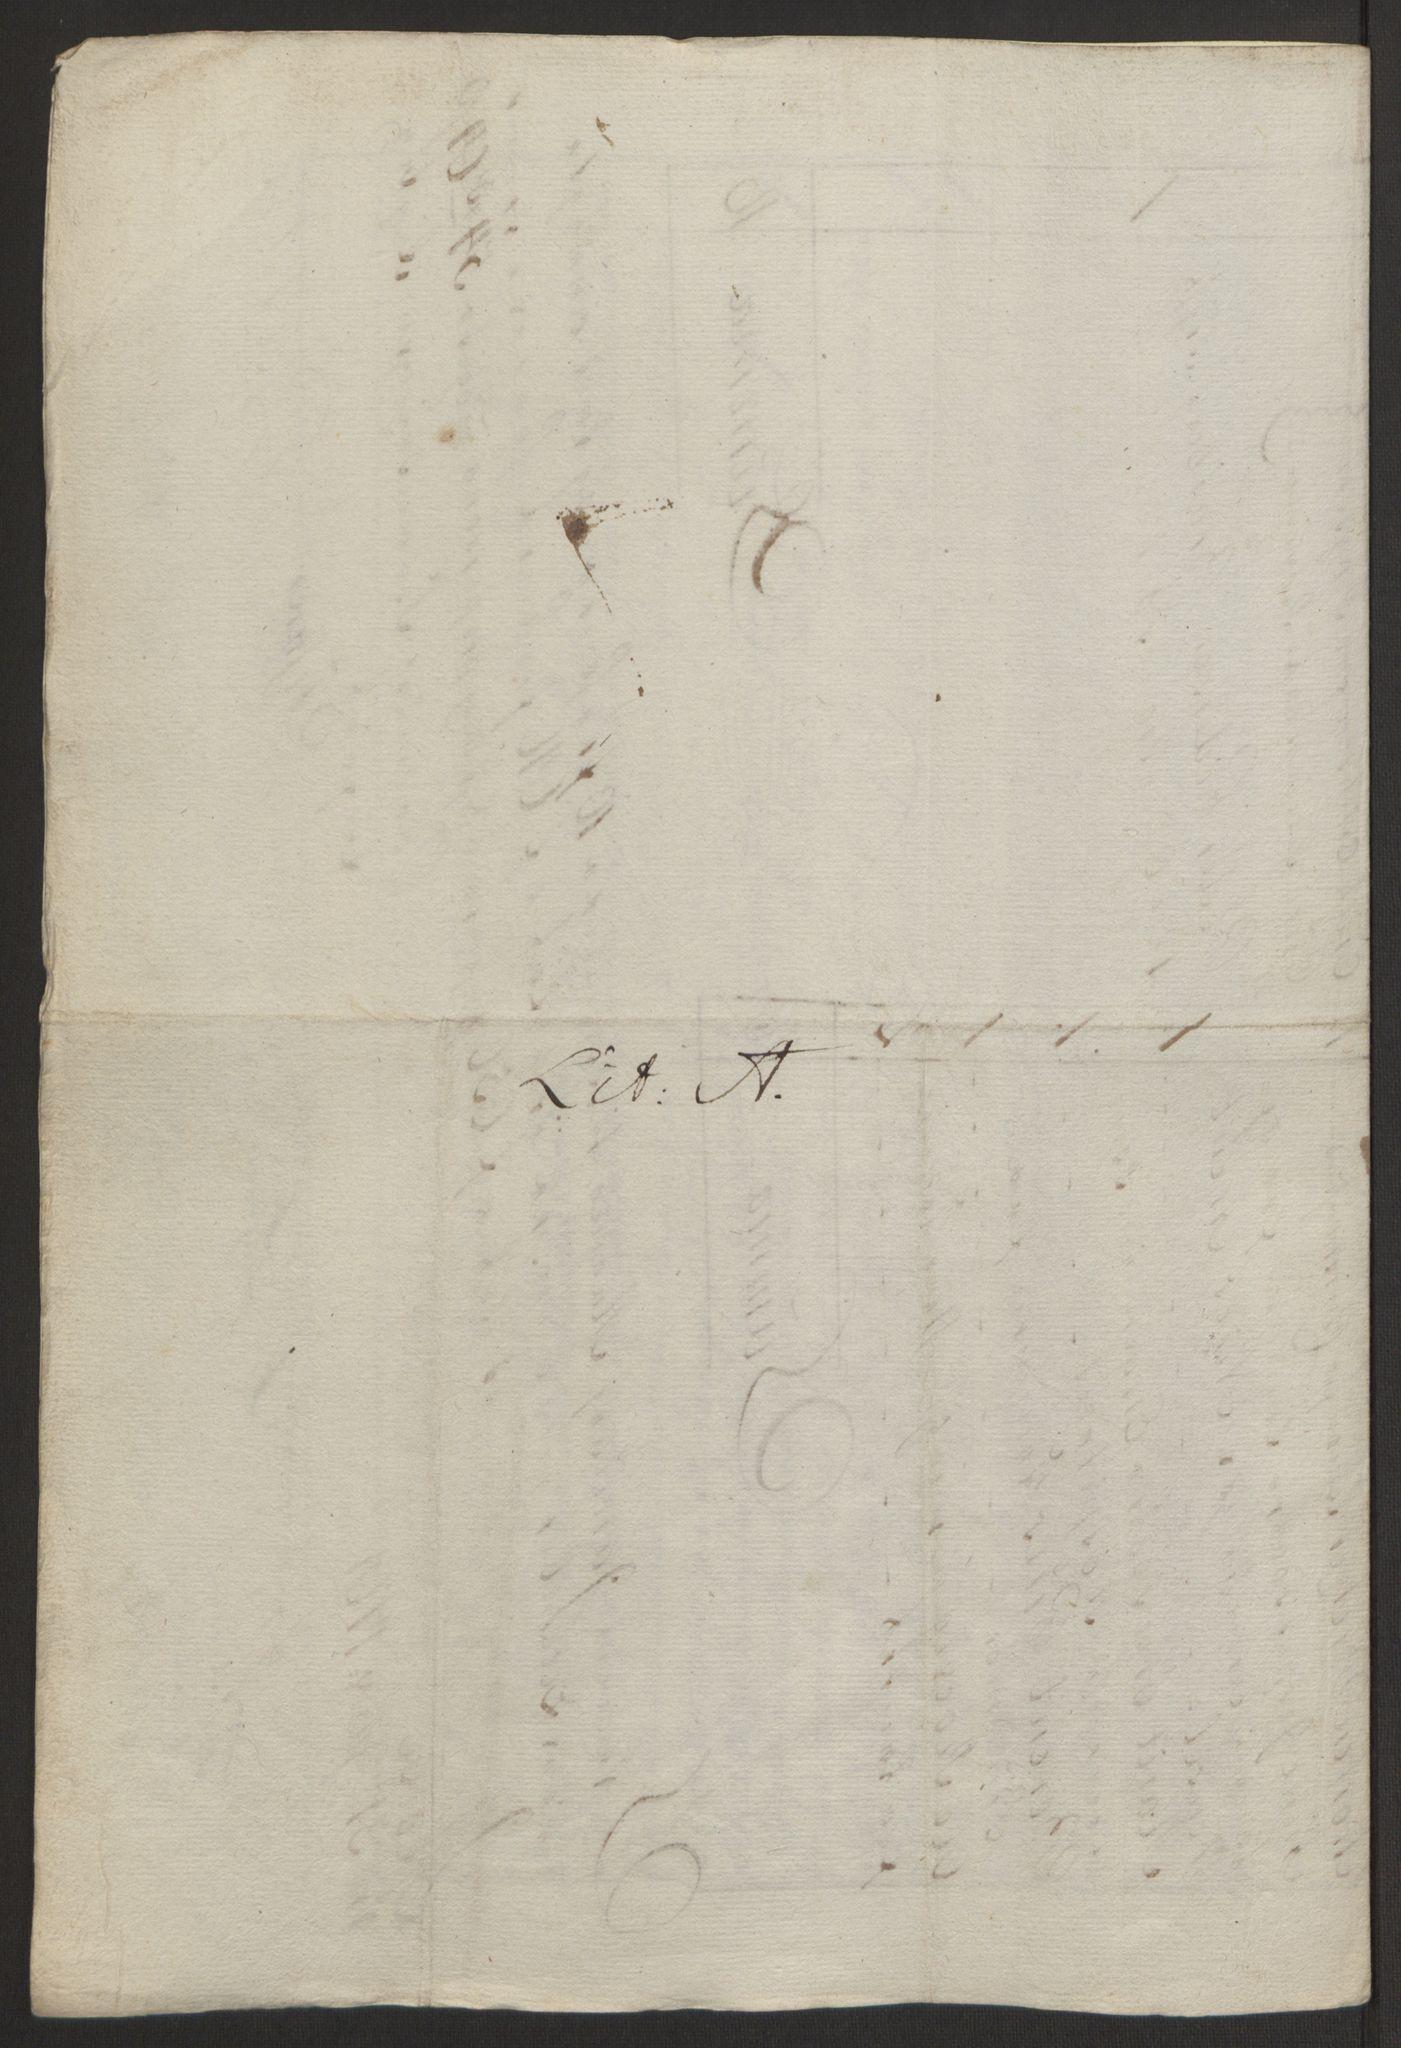 RA, Rentekammeret inntil 1814, Reviderte regnskaper, Byregnskaper, R/Rq/L0487: [Q1] Kontribusjonsregnskap, 1762-1772, s. 74